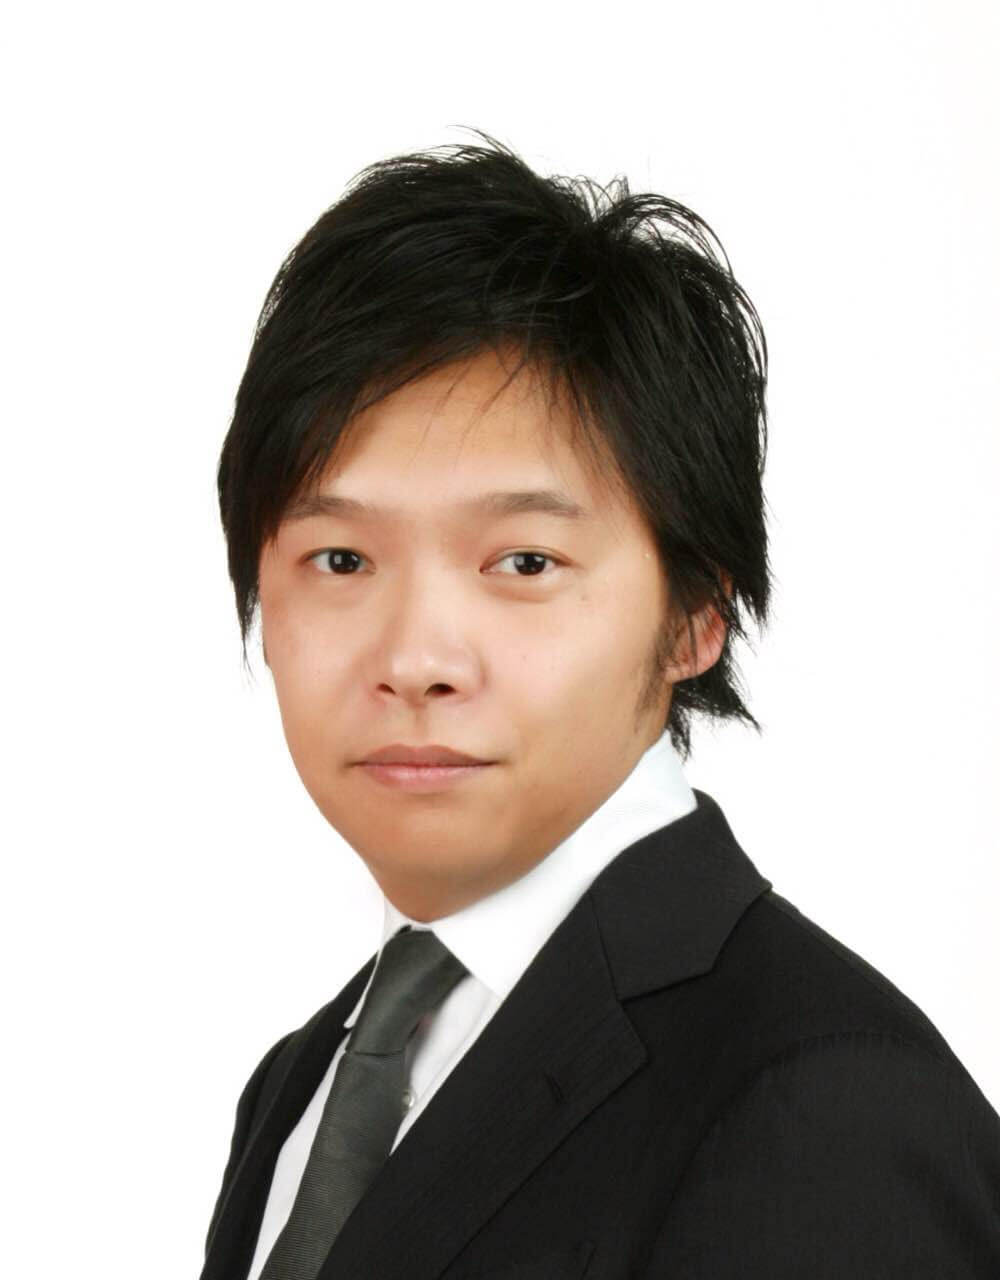 片寄 学氏_株式会社J-TAPアドバイザリー 代表取締役 公認会計士/税理士 J-TAP税理士法人 代表社員